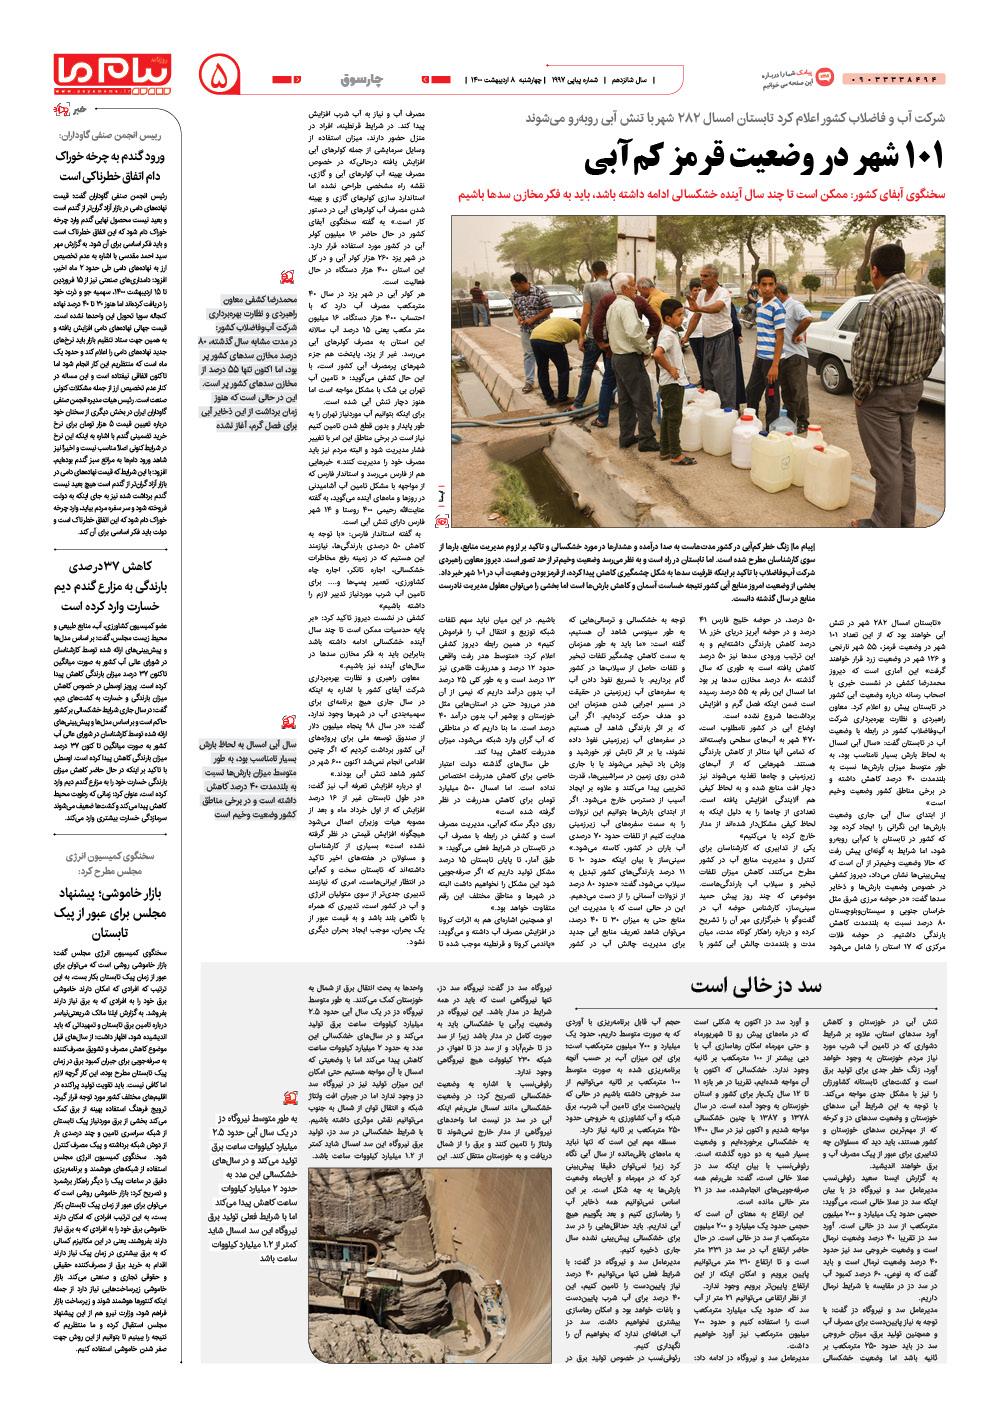 صفحه چارسوق شماره ۱۹۹۷ روزنامه پیام ما